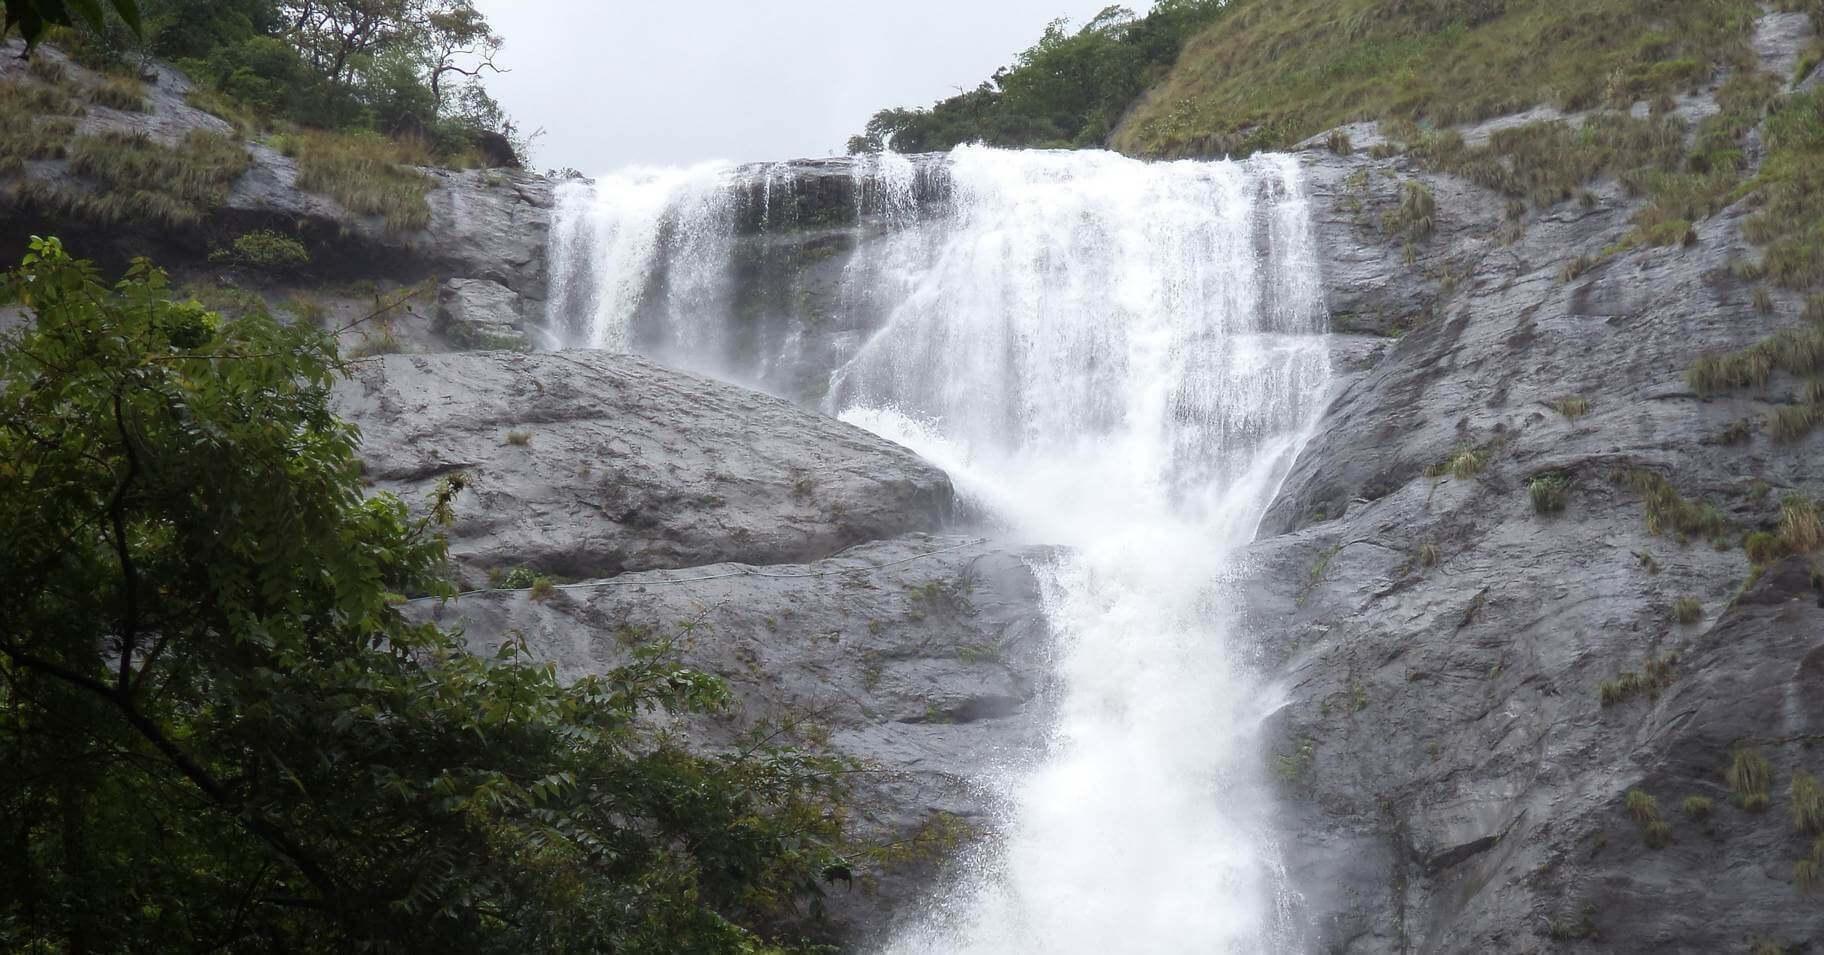 Palaruvi Waterfalls - places to visit in Kerala